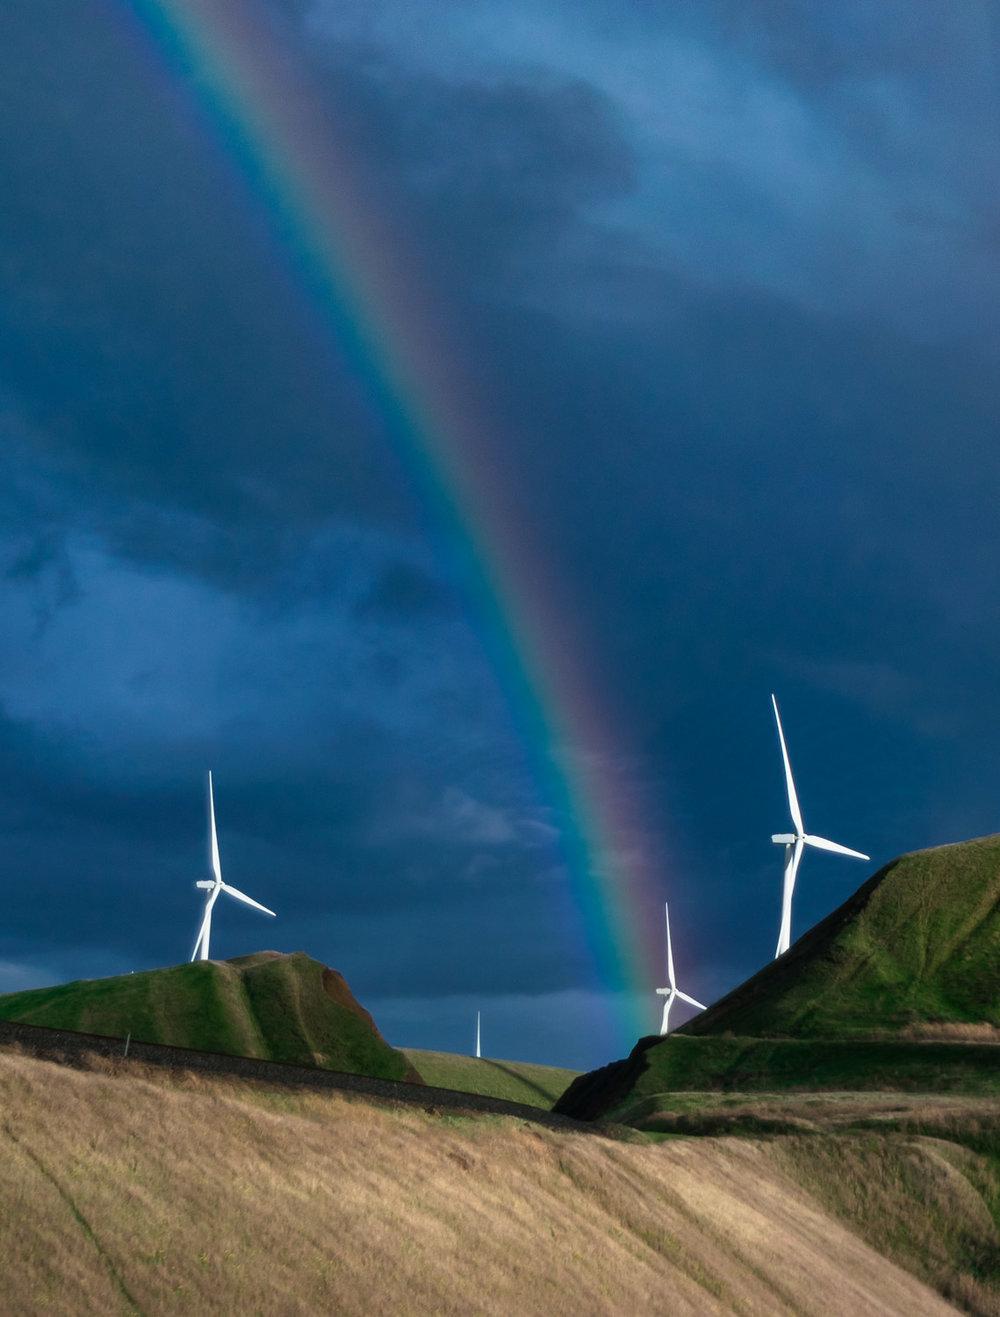 amaris-woo-rainbow-windmill-altamont-pass